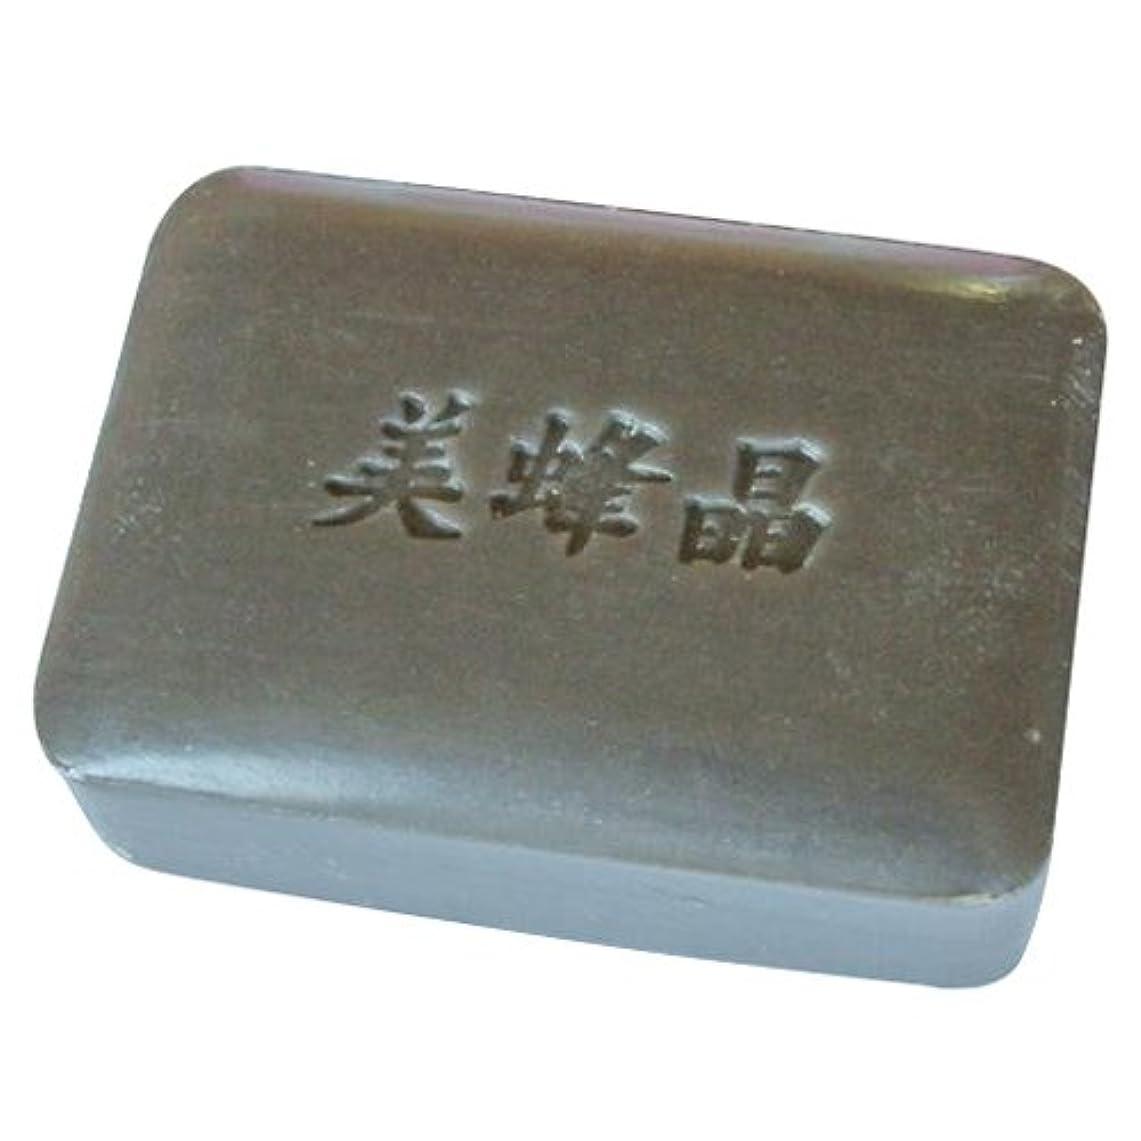 著名な抜本的な解釈鈴木養蜂場 プロポリス石鹸 美蜂晶100g 2個セット